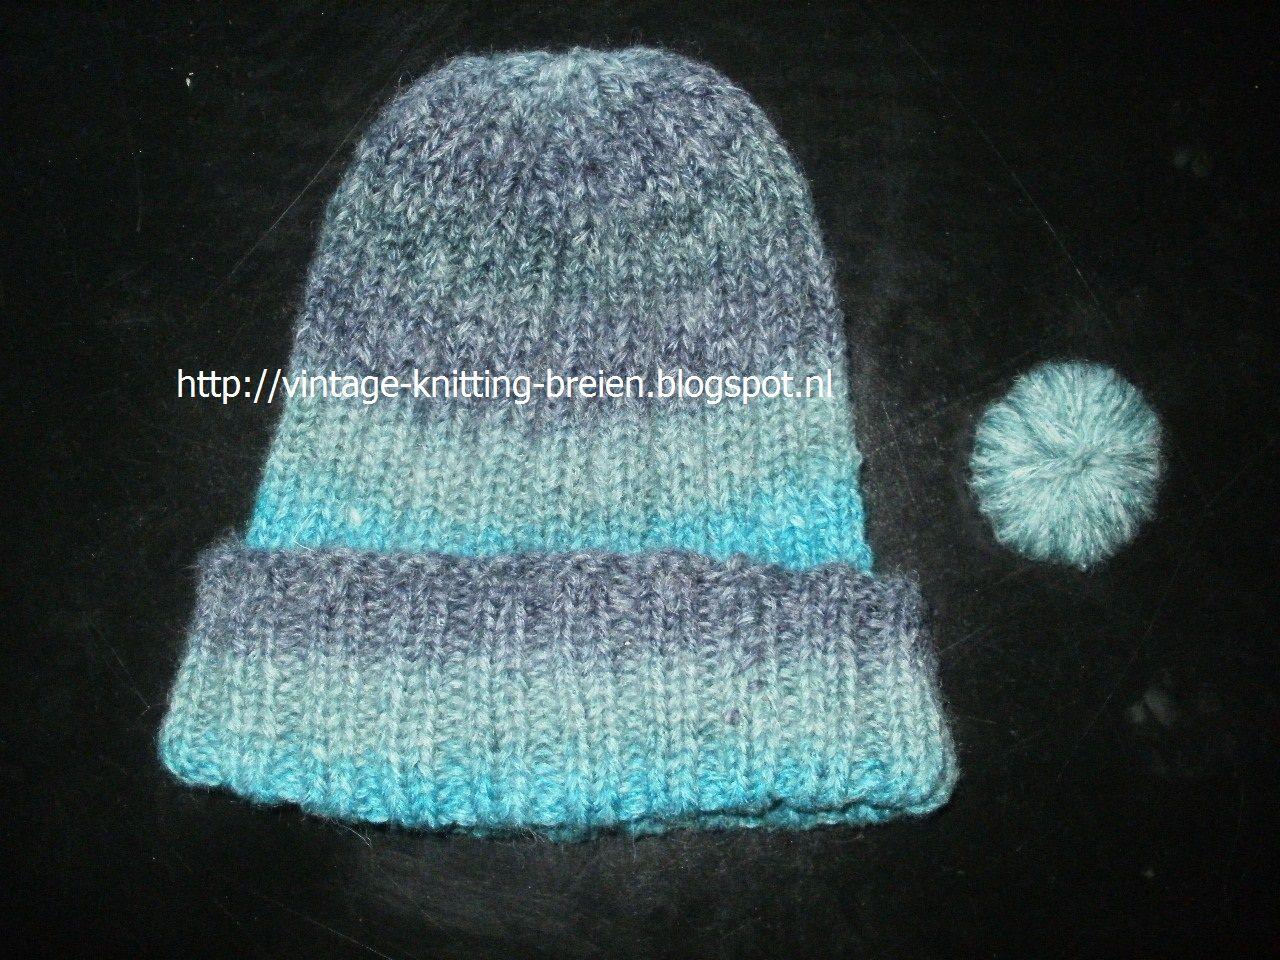 Zelfgebreide muts. Hier een paar foto's en het breipatroon van deze zelfgebreide muts   http://vintage-knitting-breien.blogspot.nl/search/label/muts